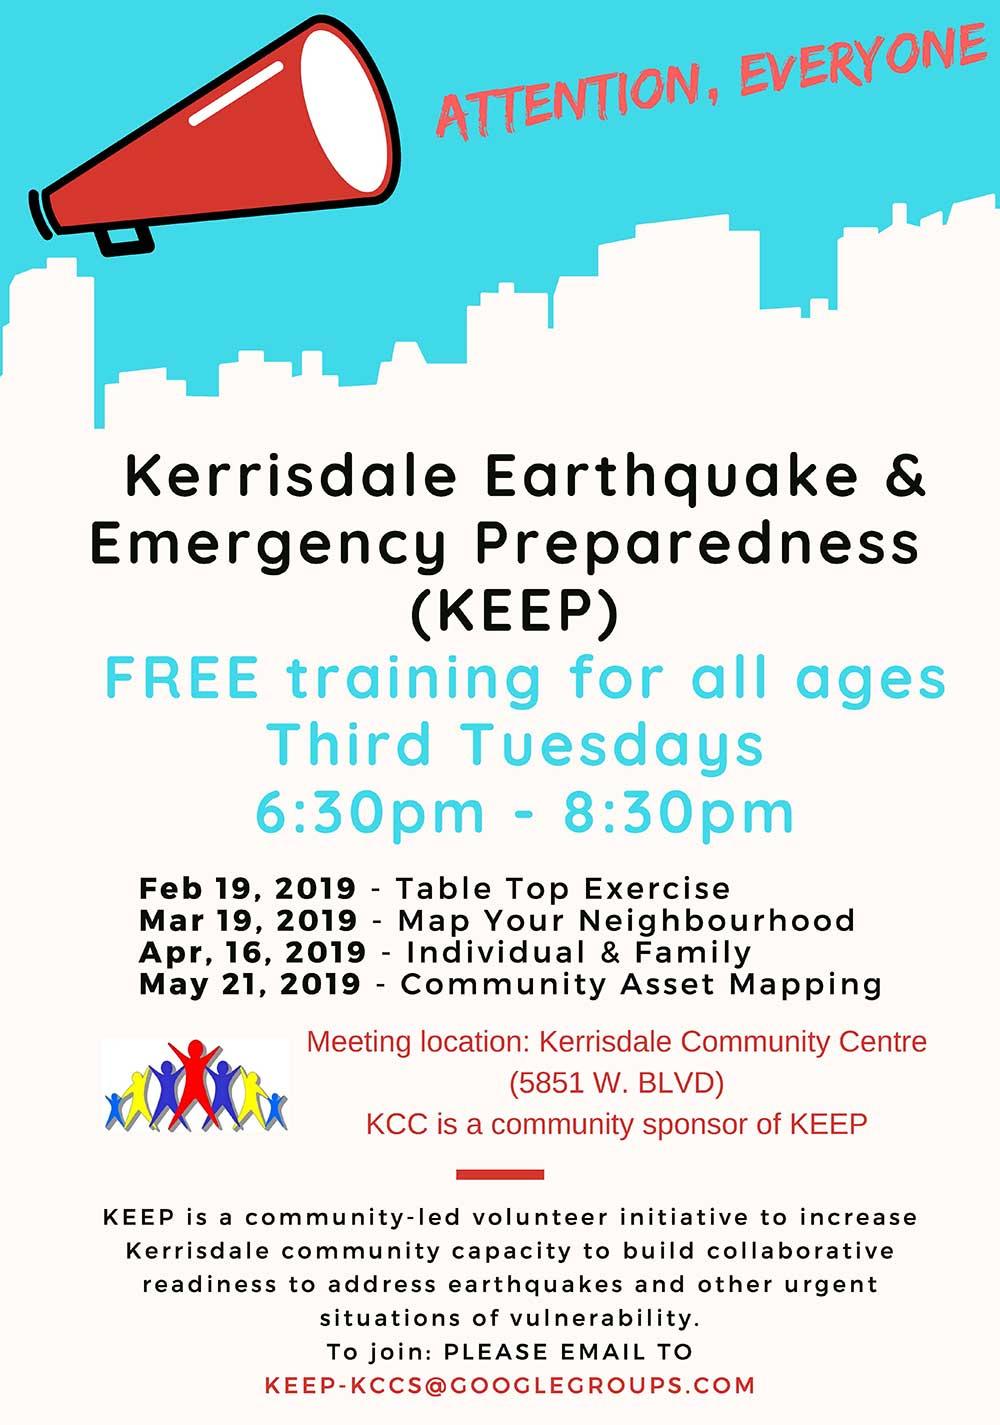 Kerrisdale Earthquake and Emergency Preparedness